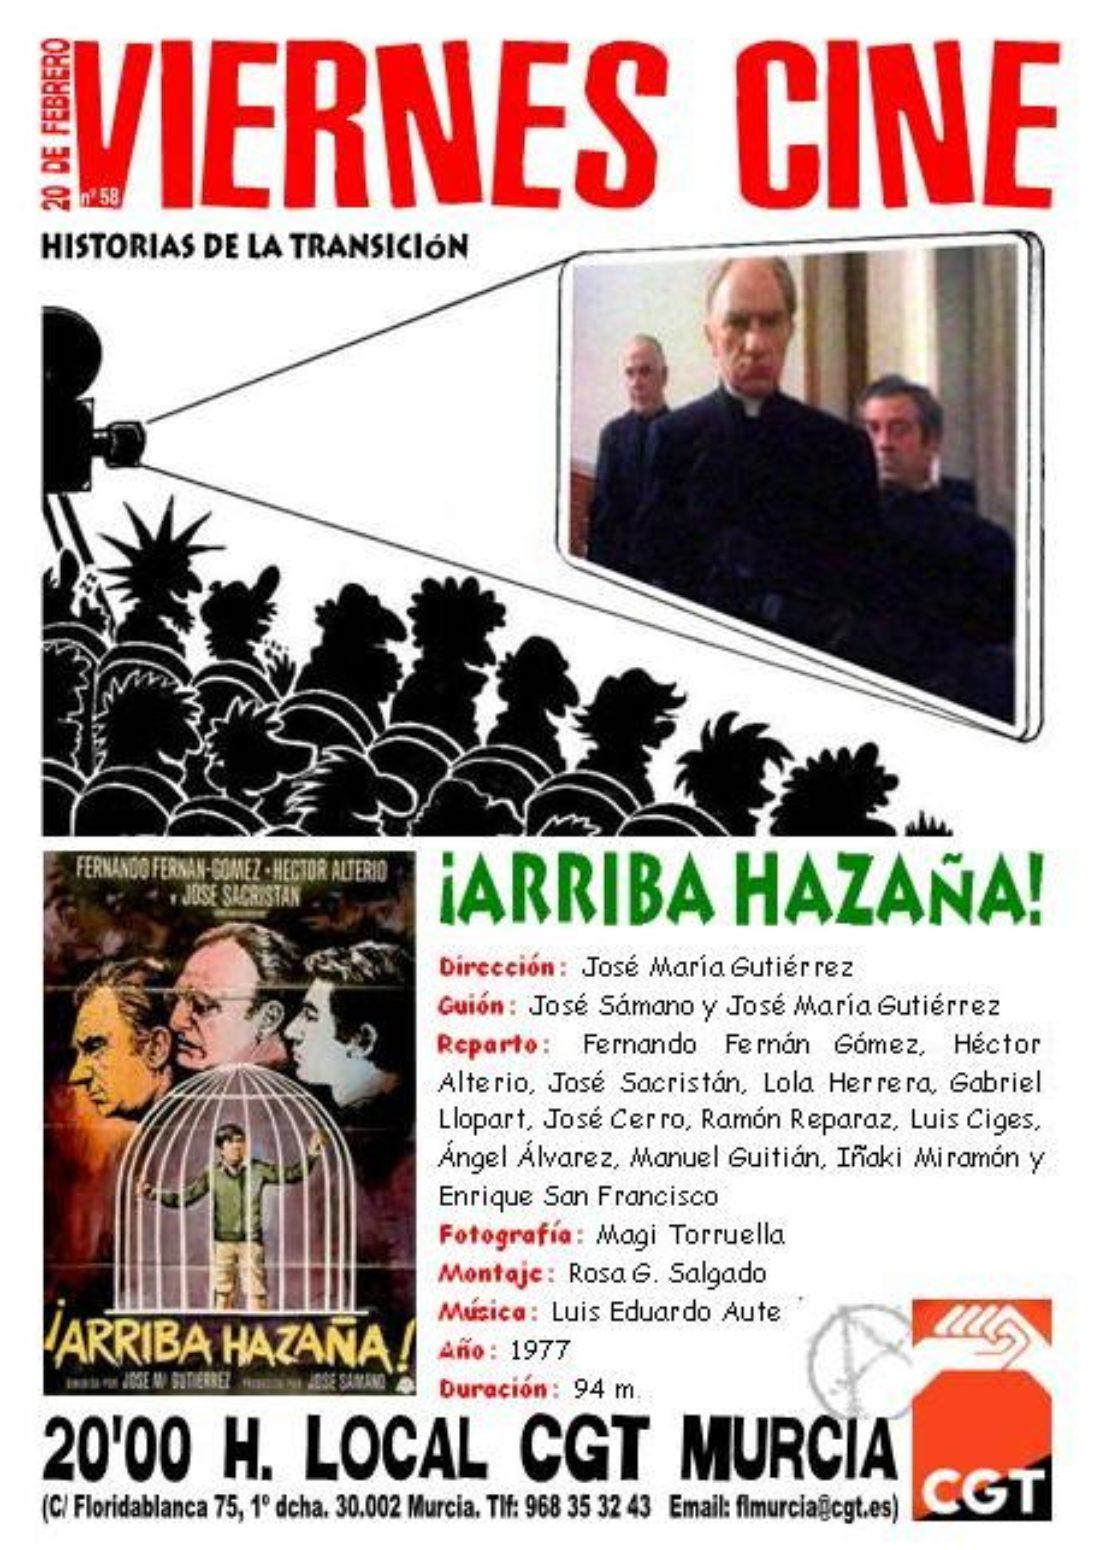 VIERNES CINE. El 20 de febrero ARRIBA HAZAÑA a las 20'00 h. en el local de CGT en Murcia